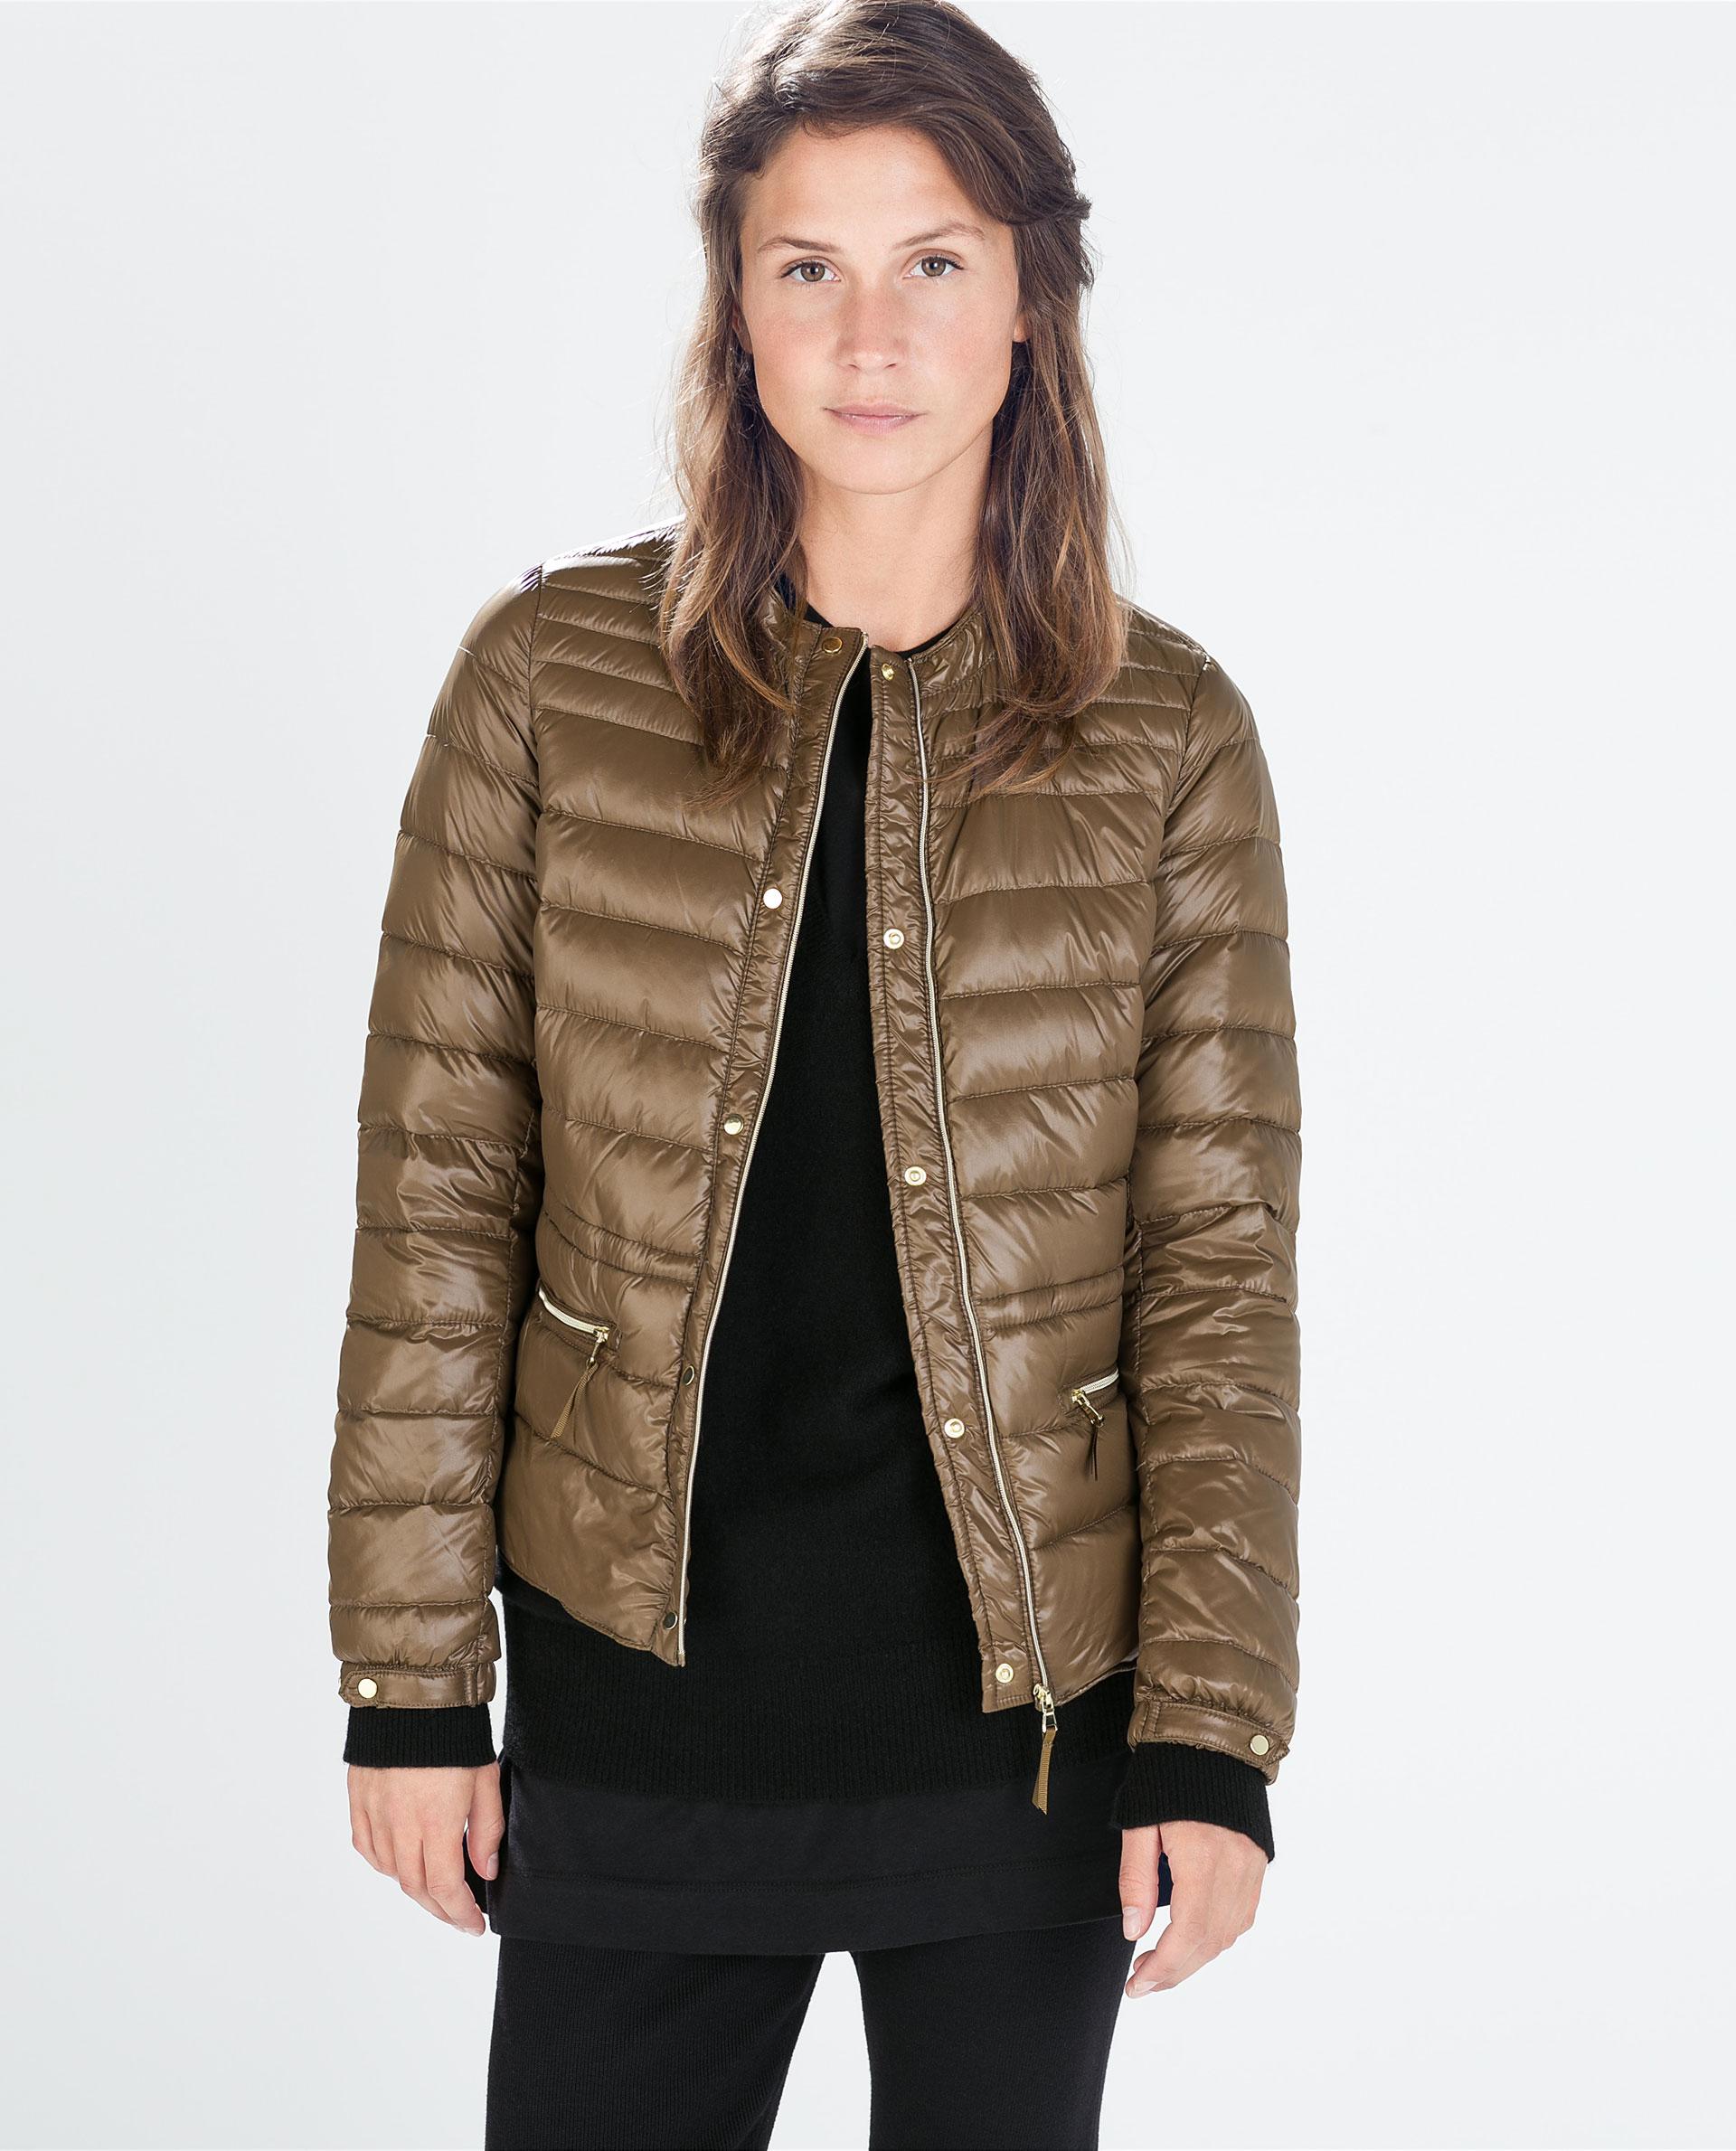 Zara Ultralight Short Down Jacket in Orange | Lyst